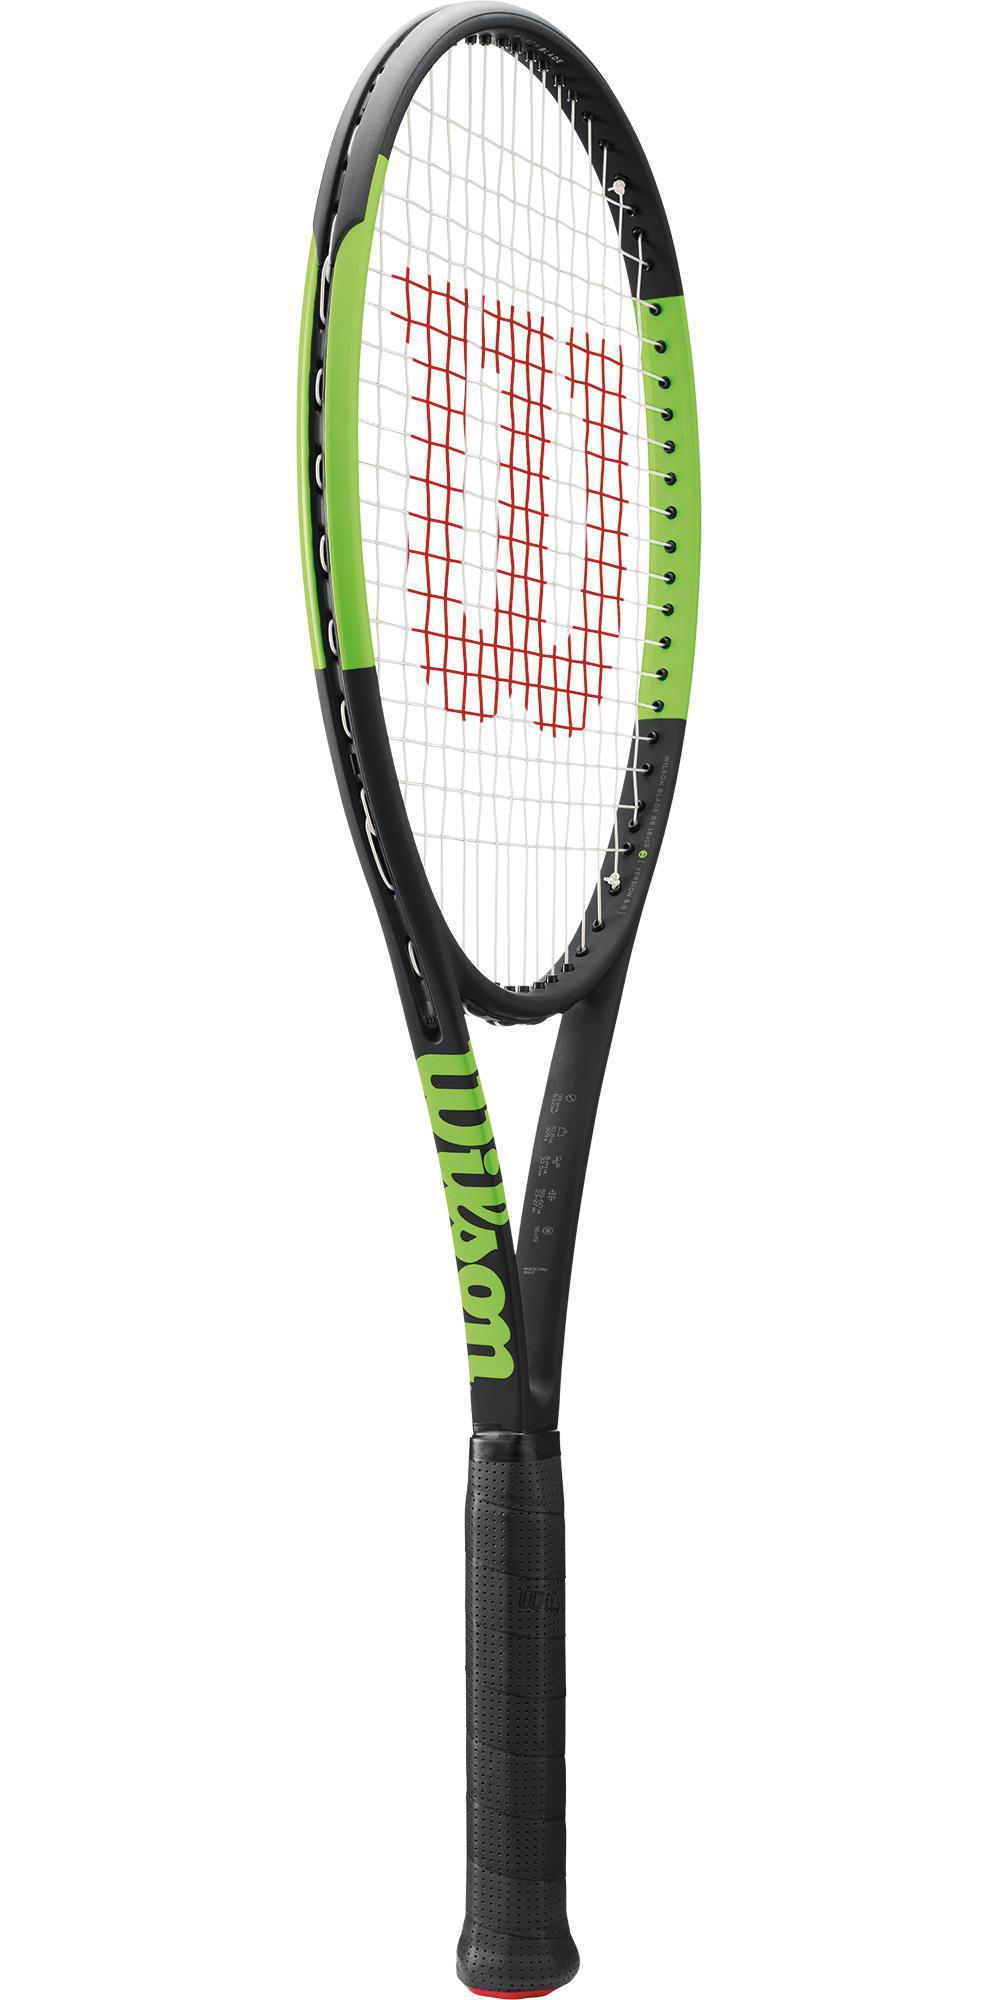 Wilson Blade 98 (16x19) Countervail Tennis Racket [Frame Only] - Tennisnuts.com